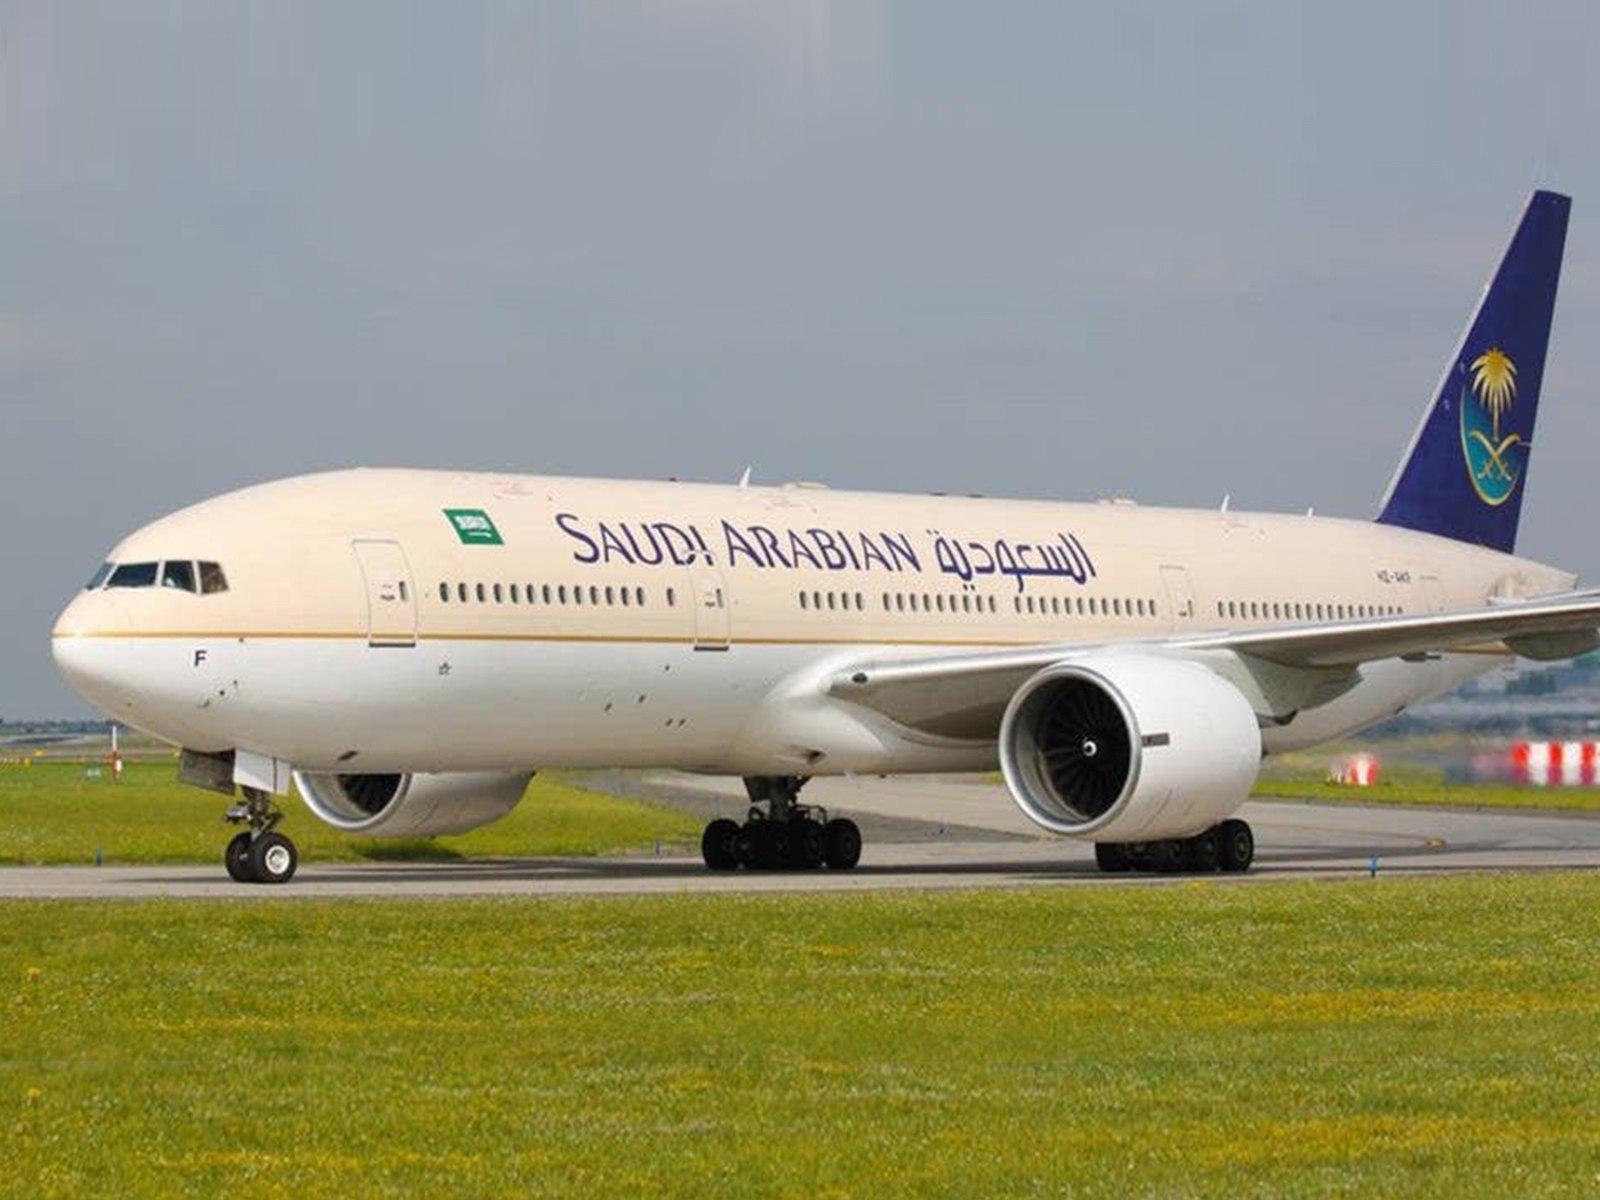 شعبة وكالات السفر تطالب بمعالجة مديونية الخطوط الجوية السودانية للطيران السعودي والبالغة 39 مليون ريال